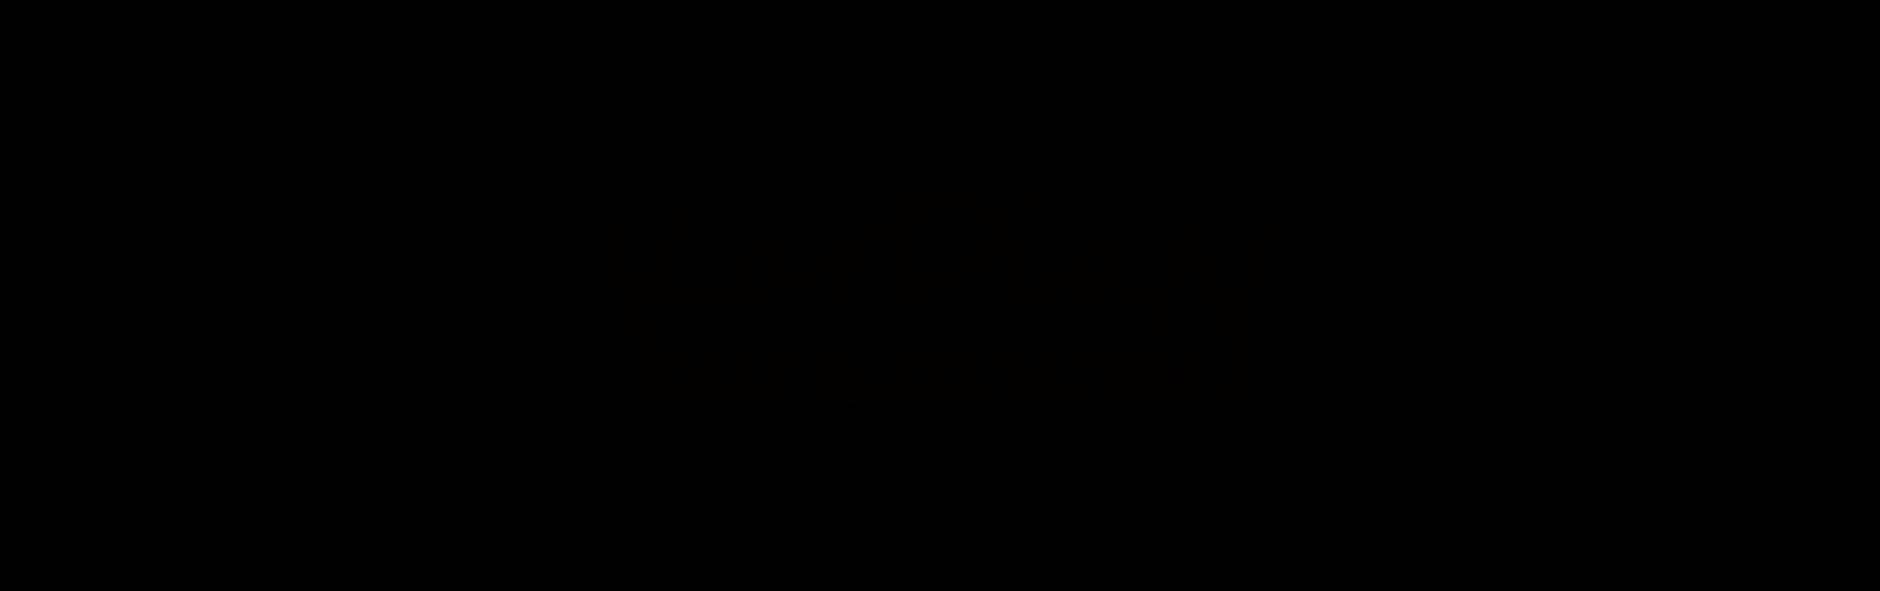 KarDiaN